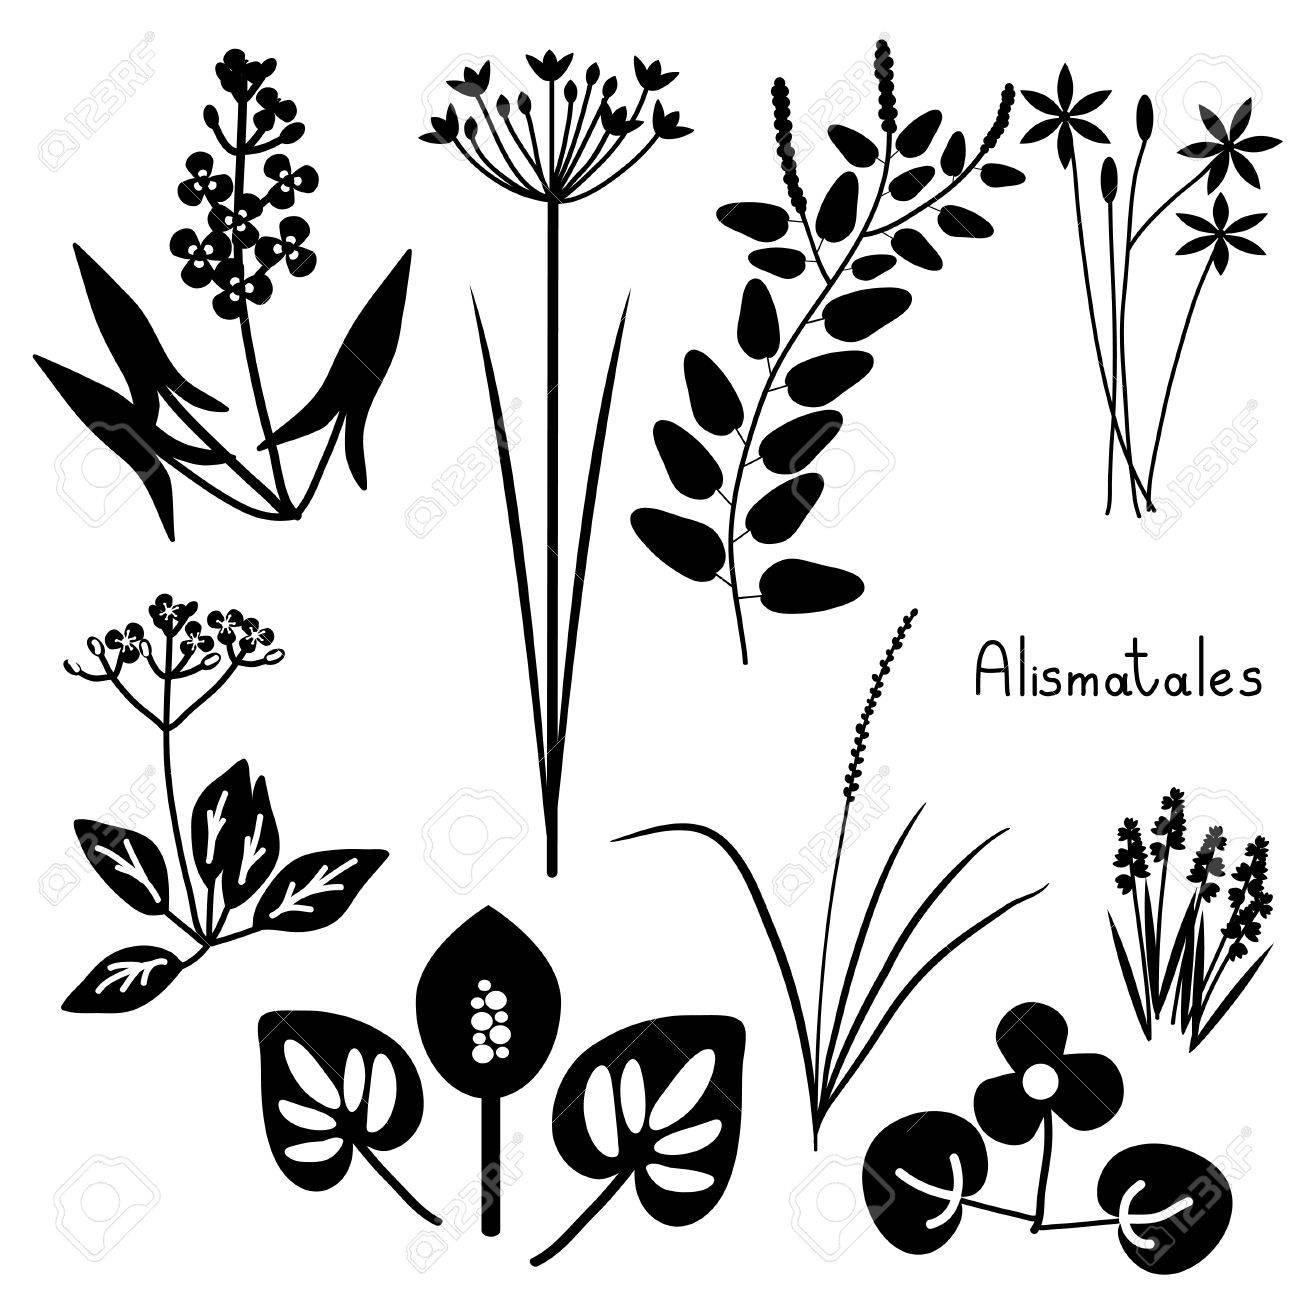 Alismatales Pflanzen Bestellen Schwarz Und Weiß Lizenzfrei